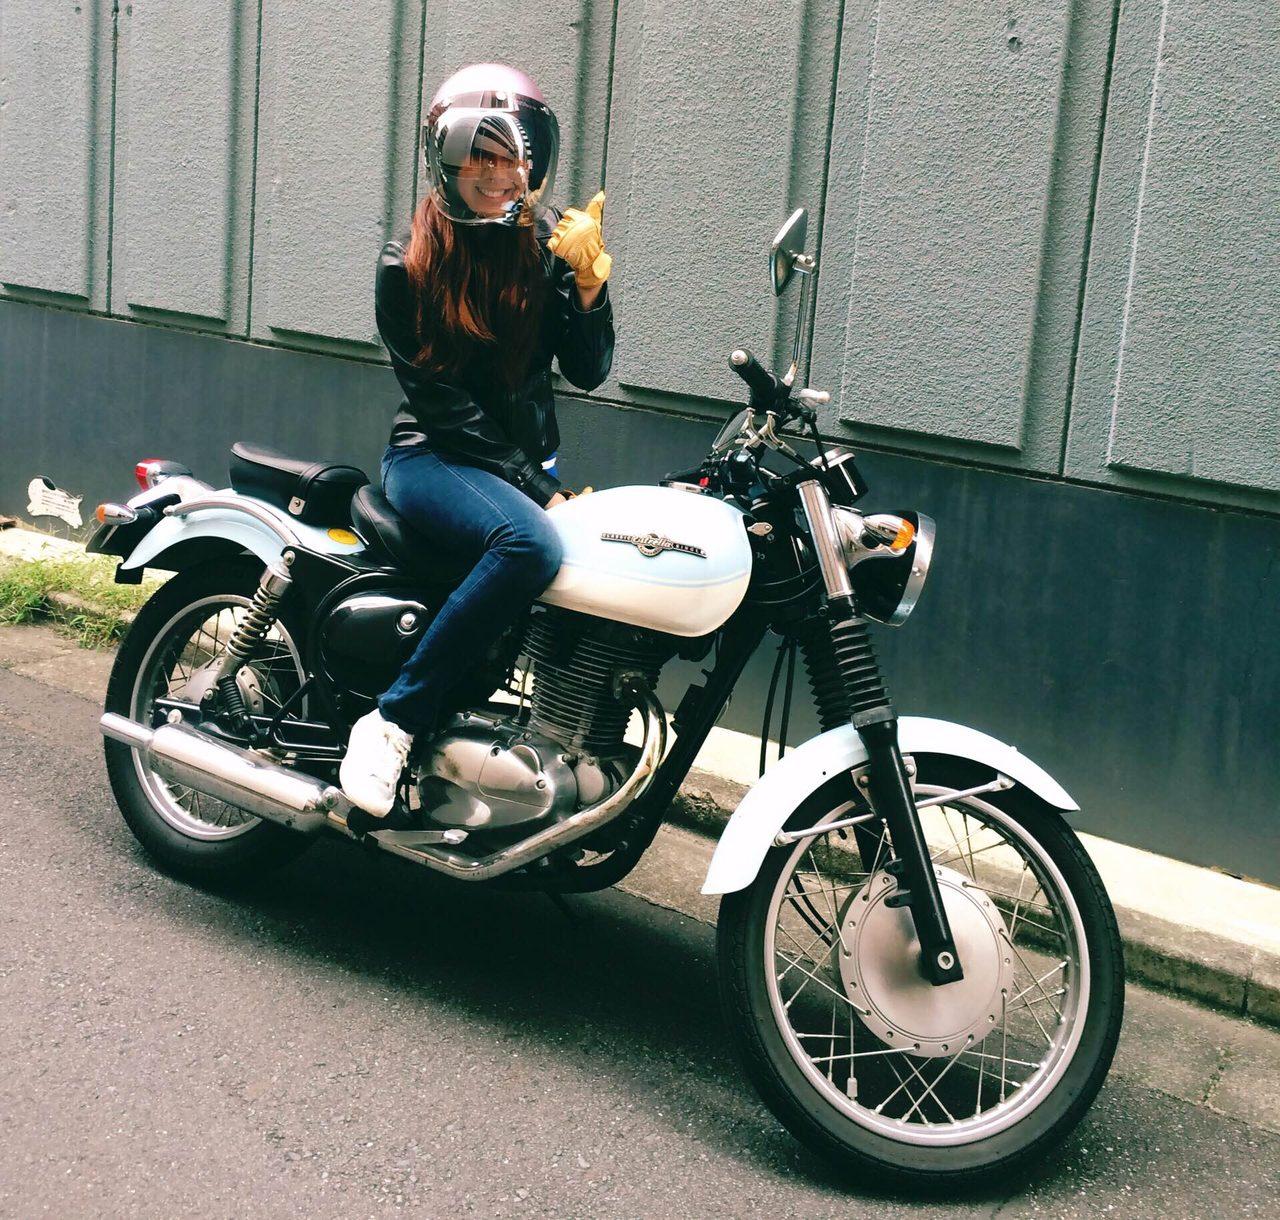 画像: 【ロレンス女子部ライダーへの道】Akiko編: 免許取得!そして初!!街乗りデビュ〜♡♡ - LAWRENCE(ロレンス) - Motorcycle x Cars + α = Your Life.